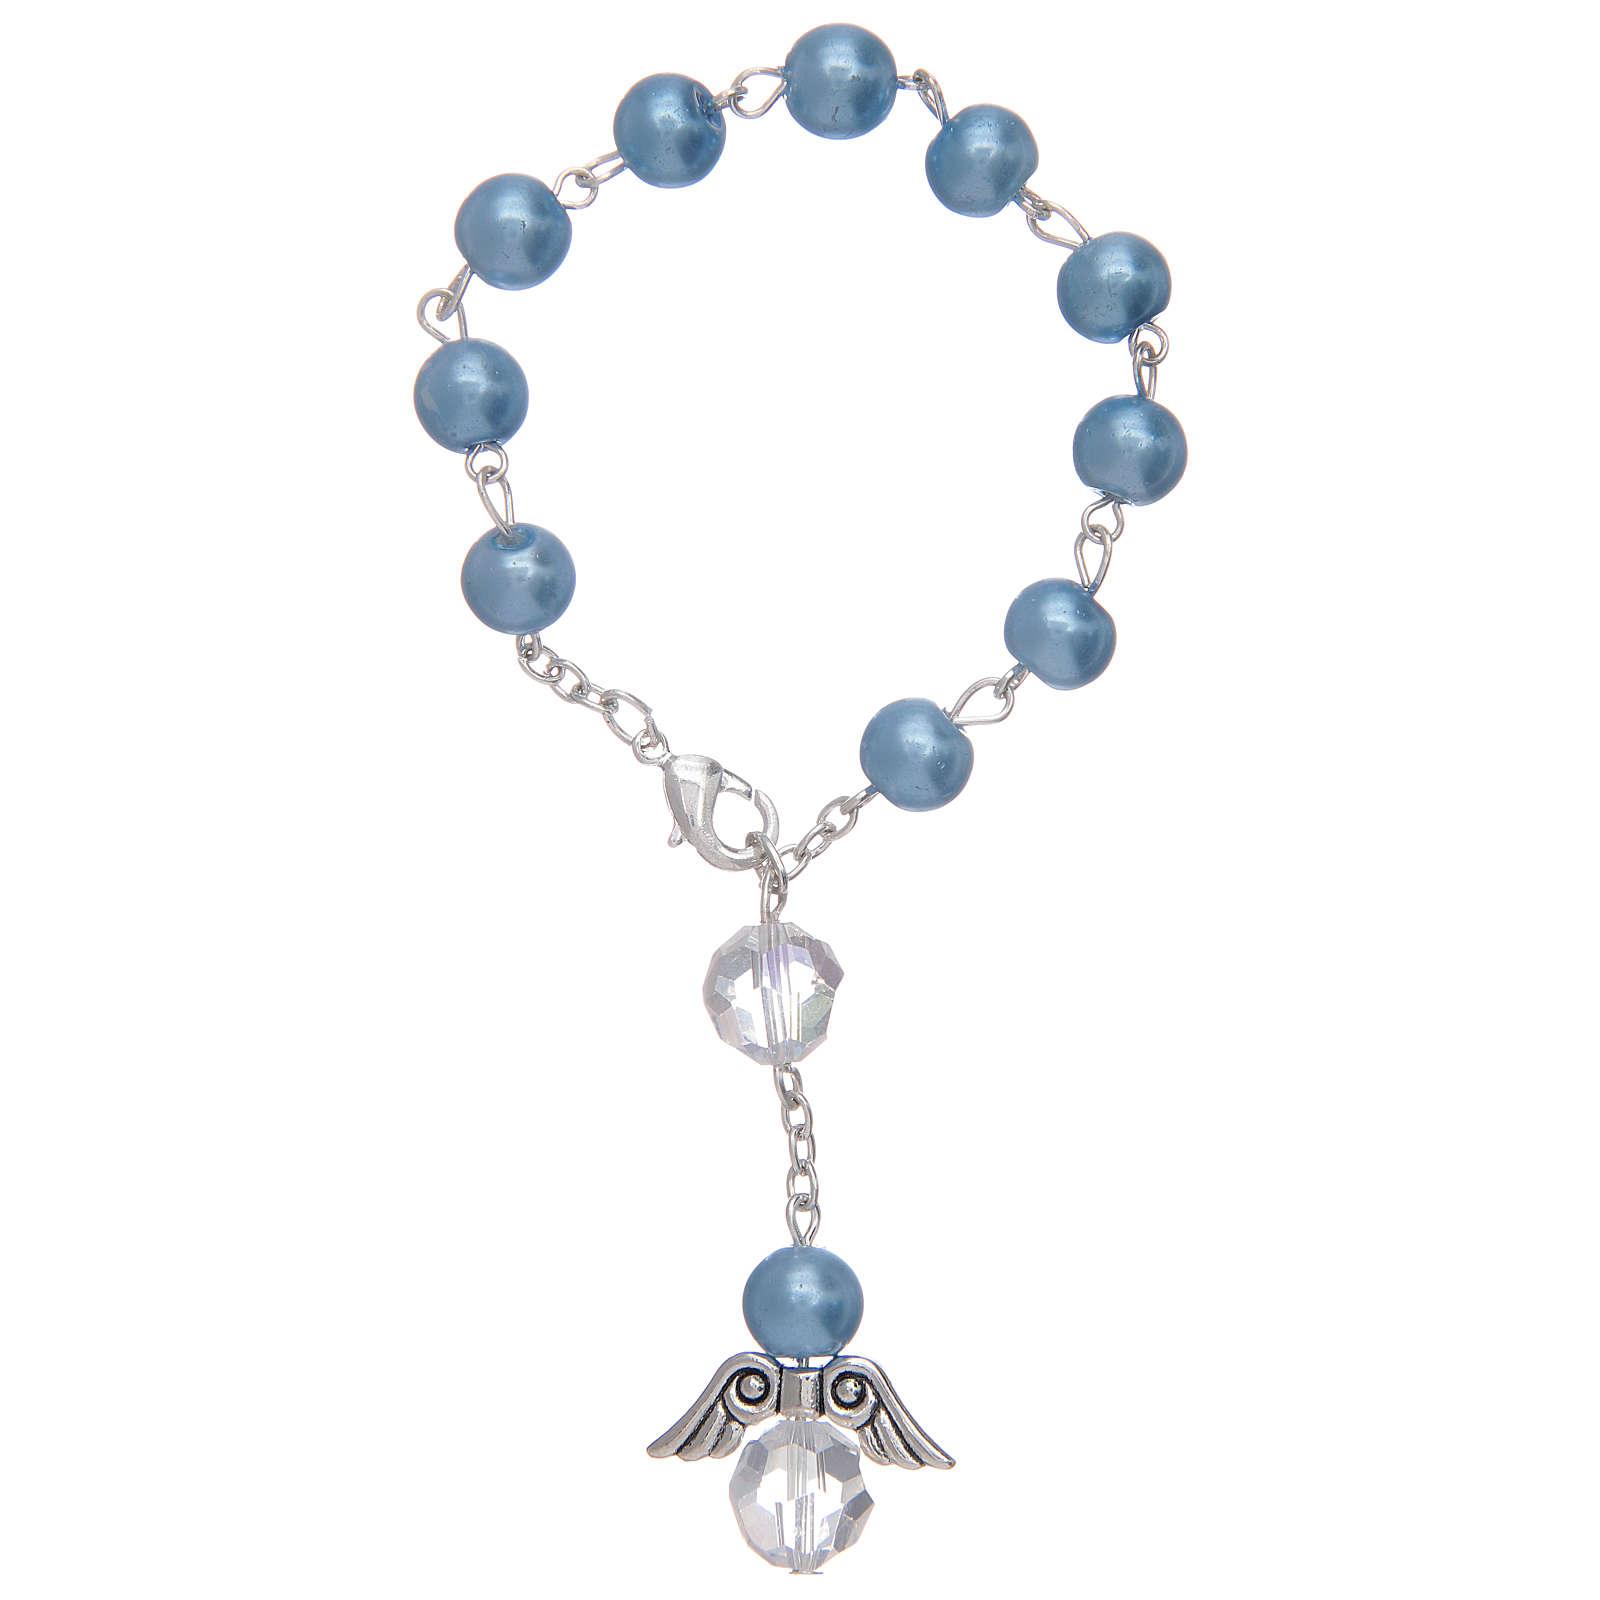 Dziesiątka z aniołkiem ze szkła perłopodobnego błękitnego i kryształu 4